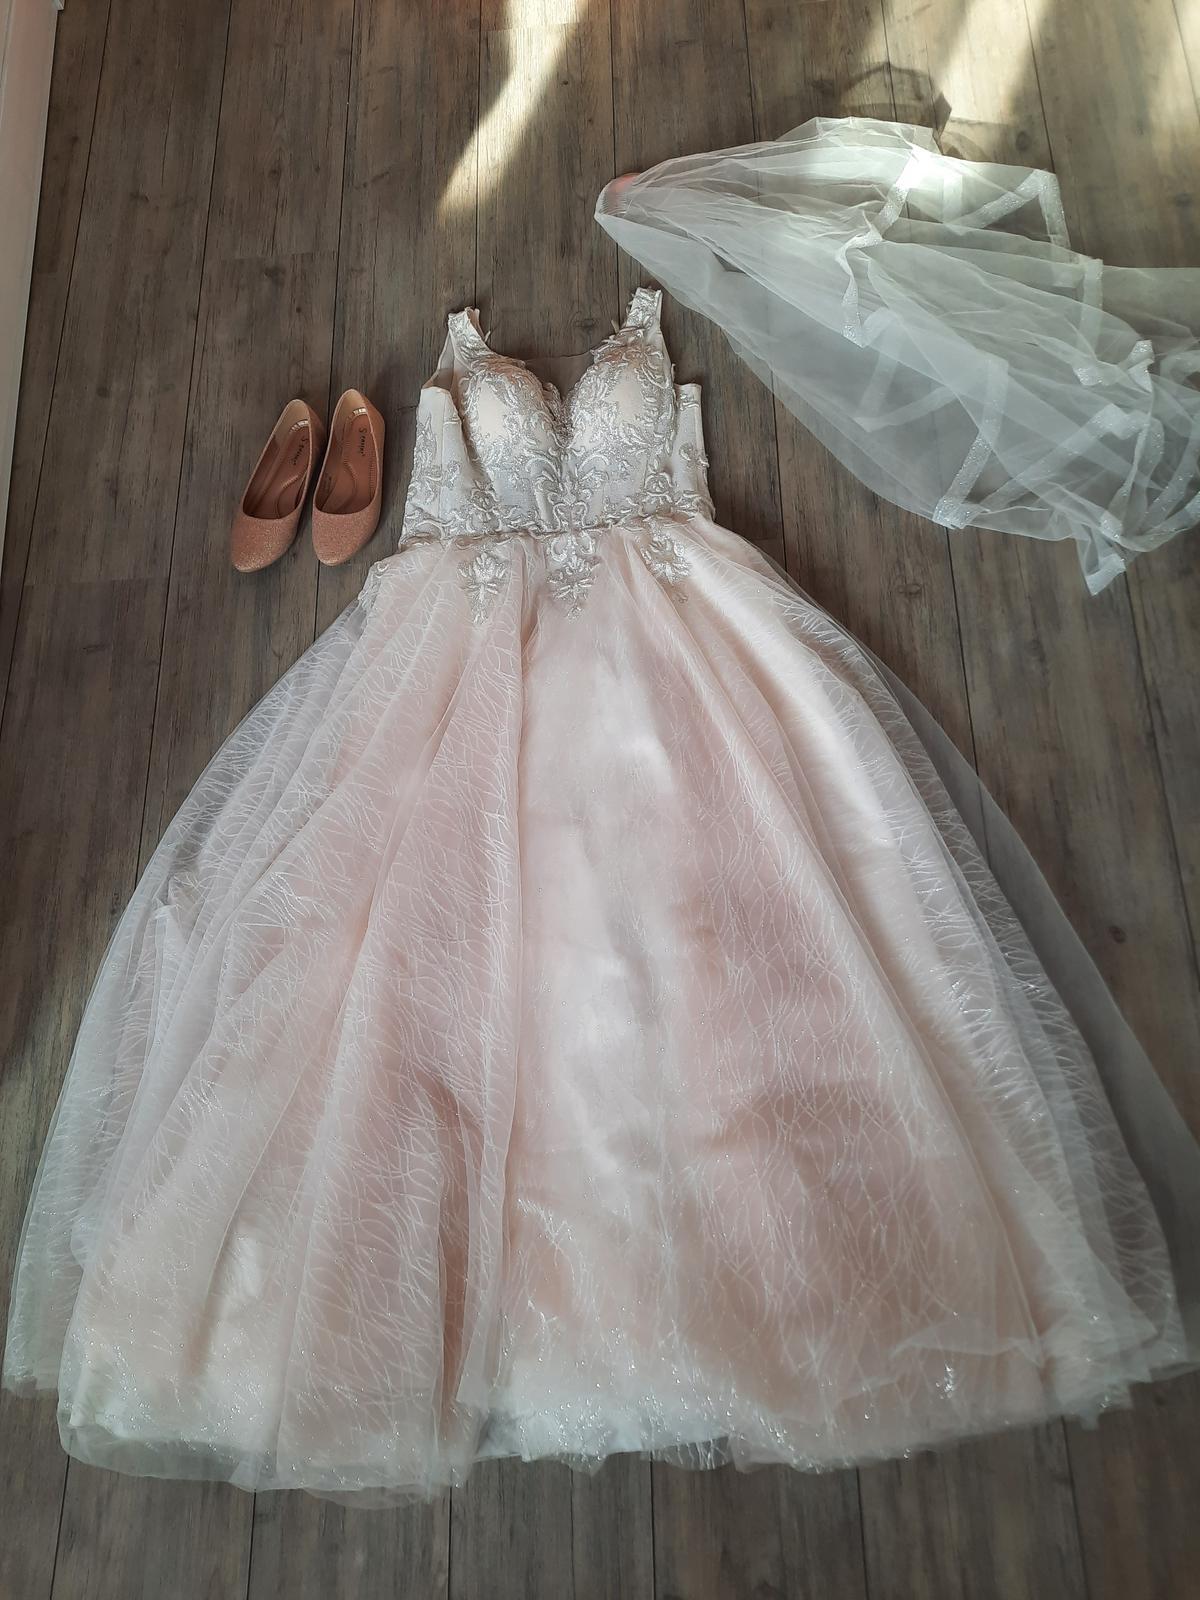 princeznovske svadobné šaty - Obrázok č. 3